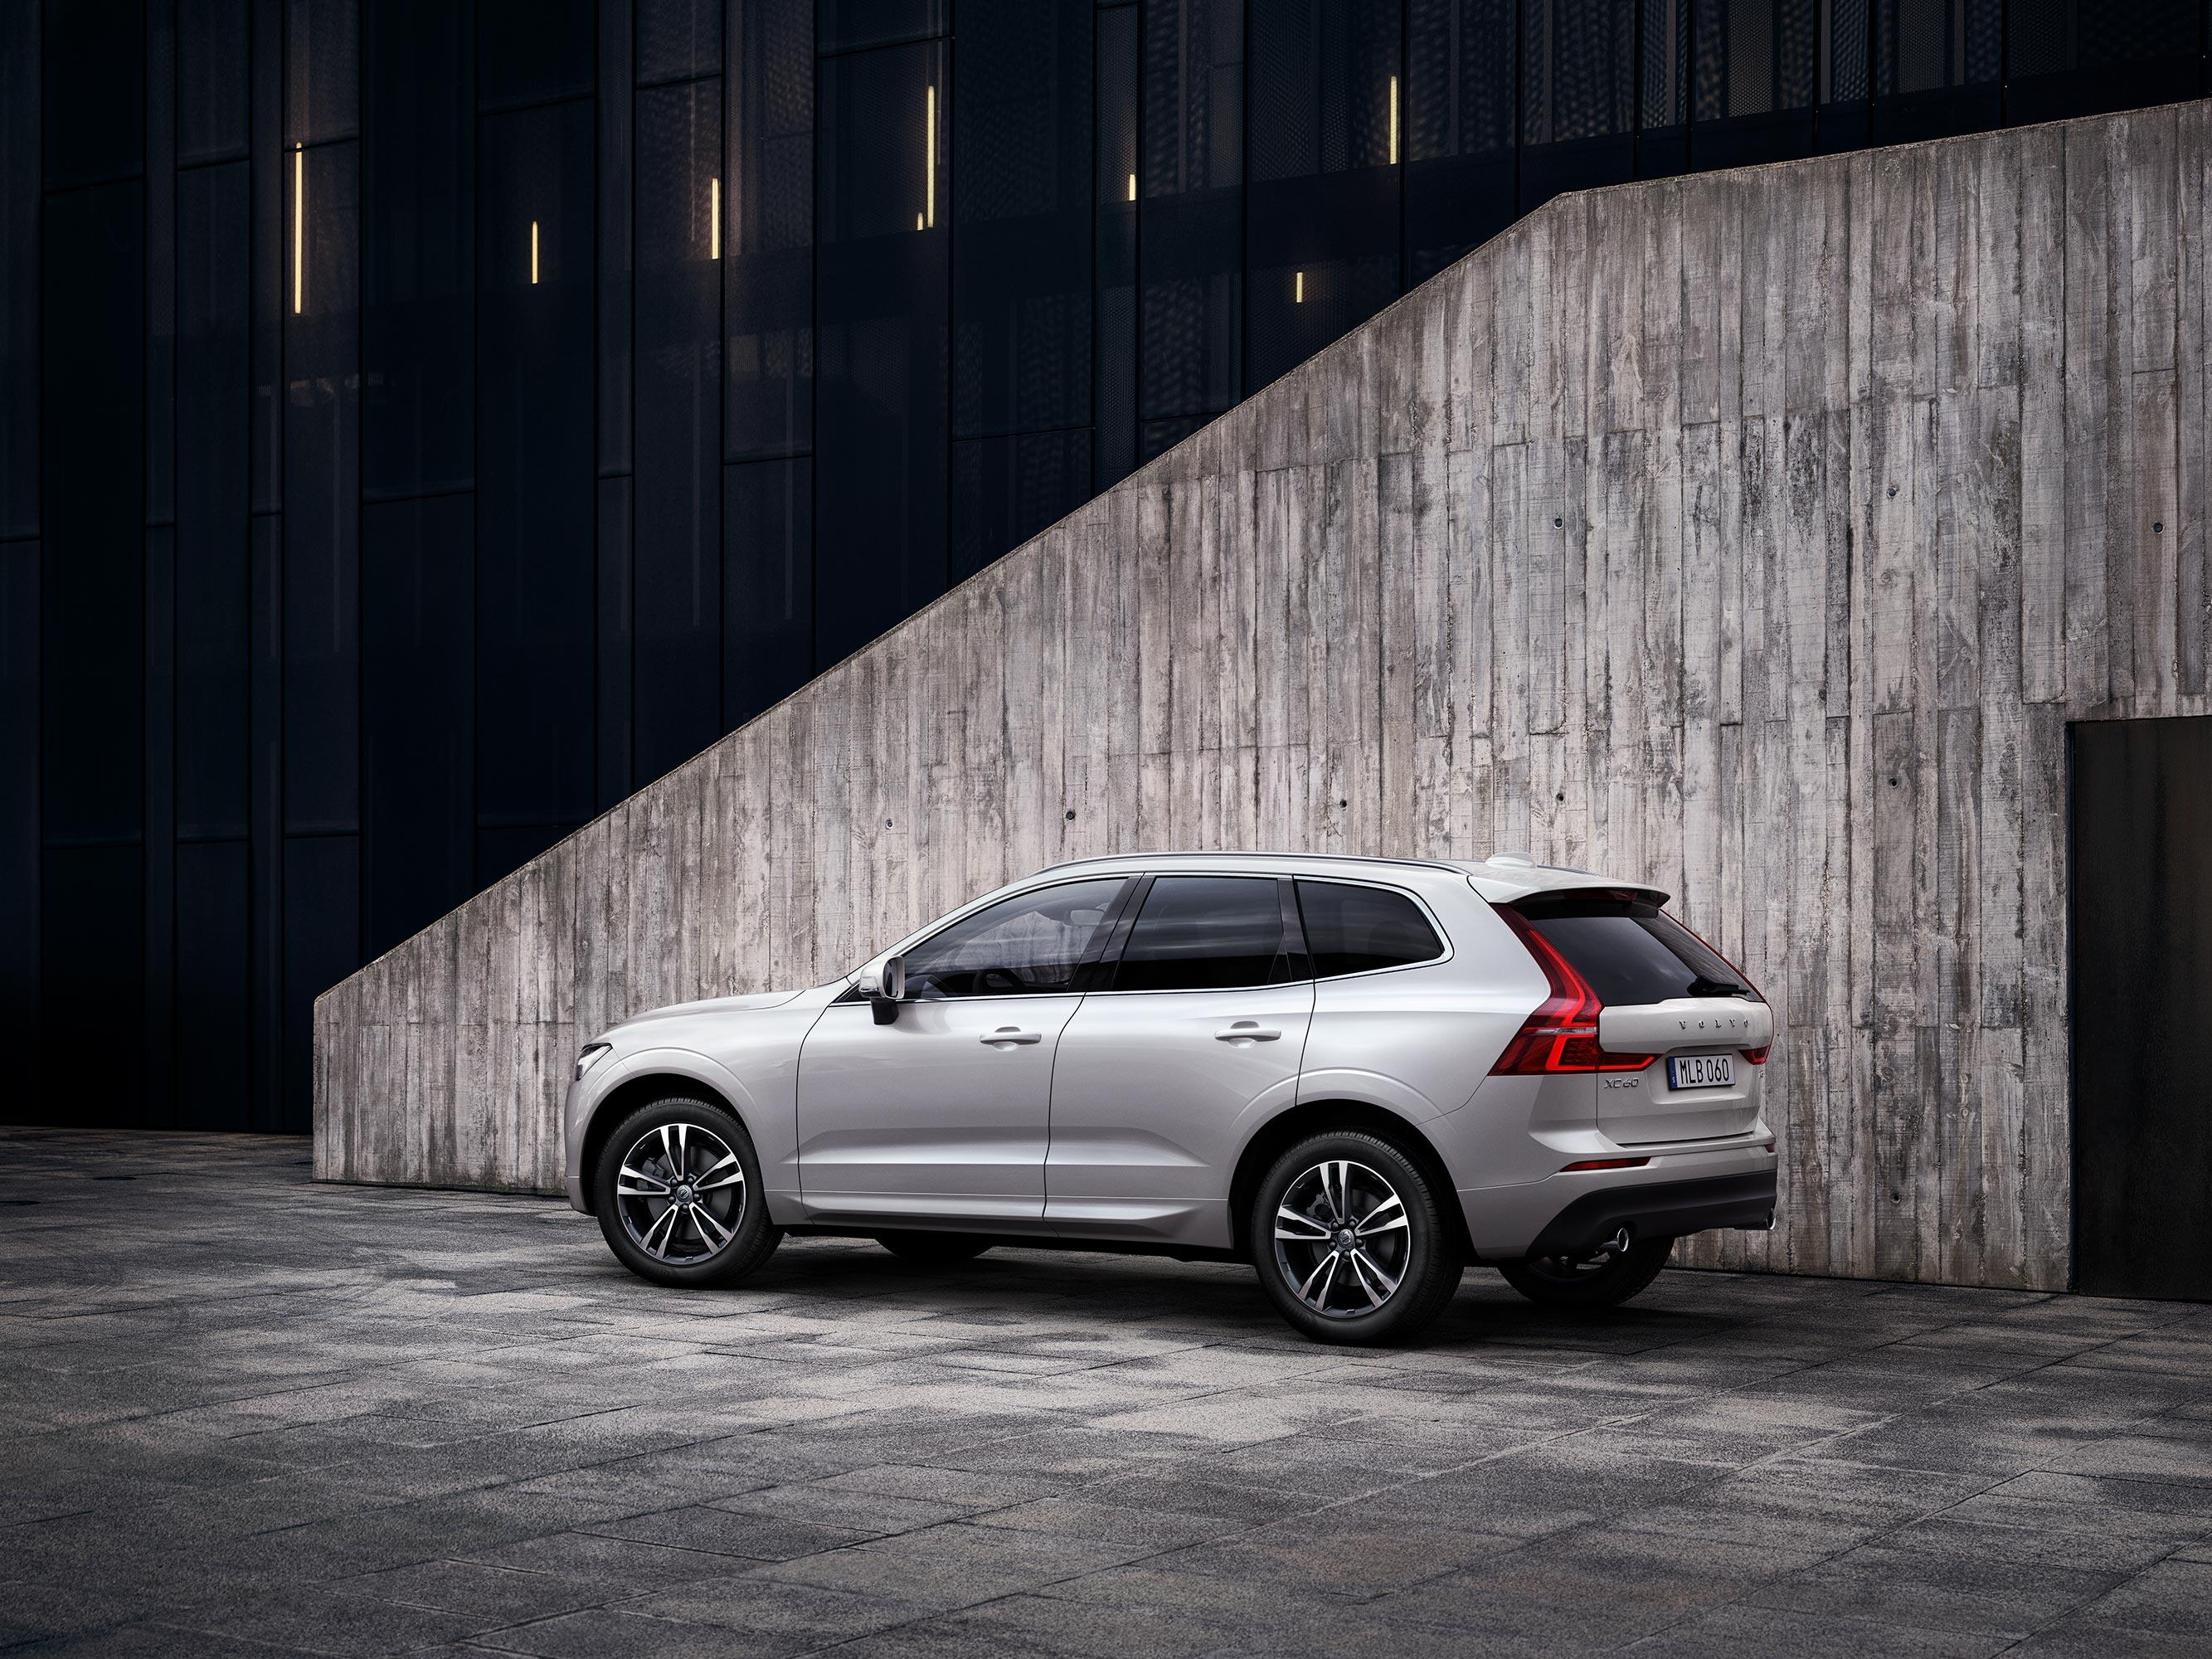 Volvo XC60 vor einer Betonwand